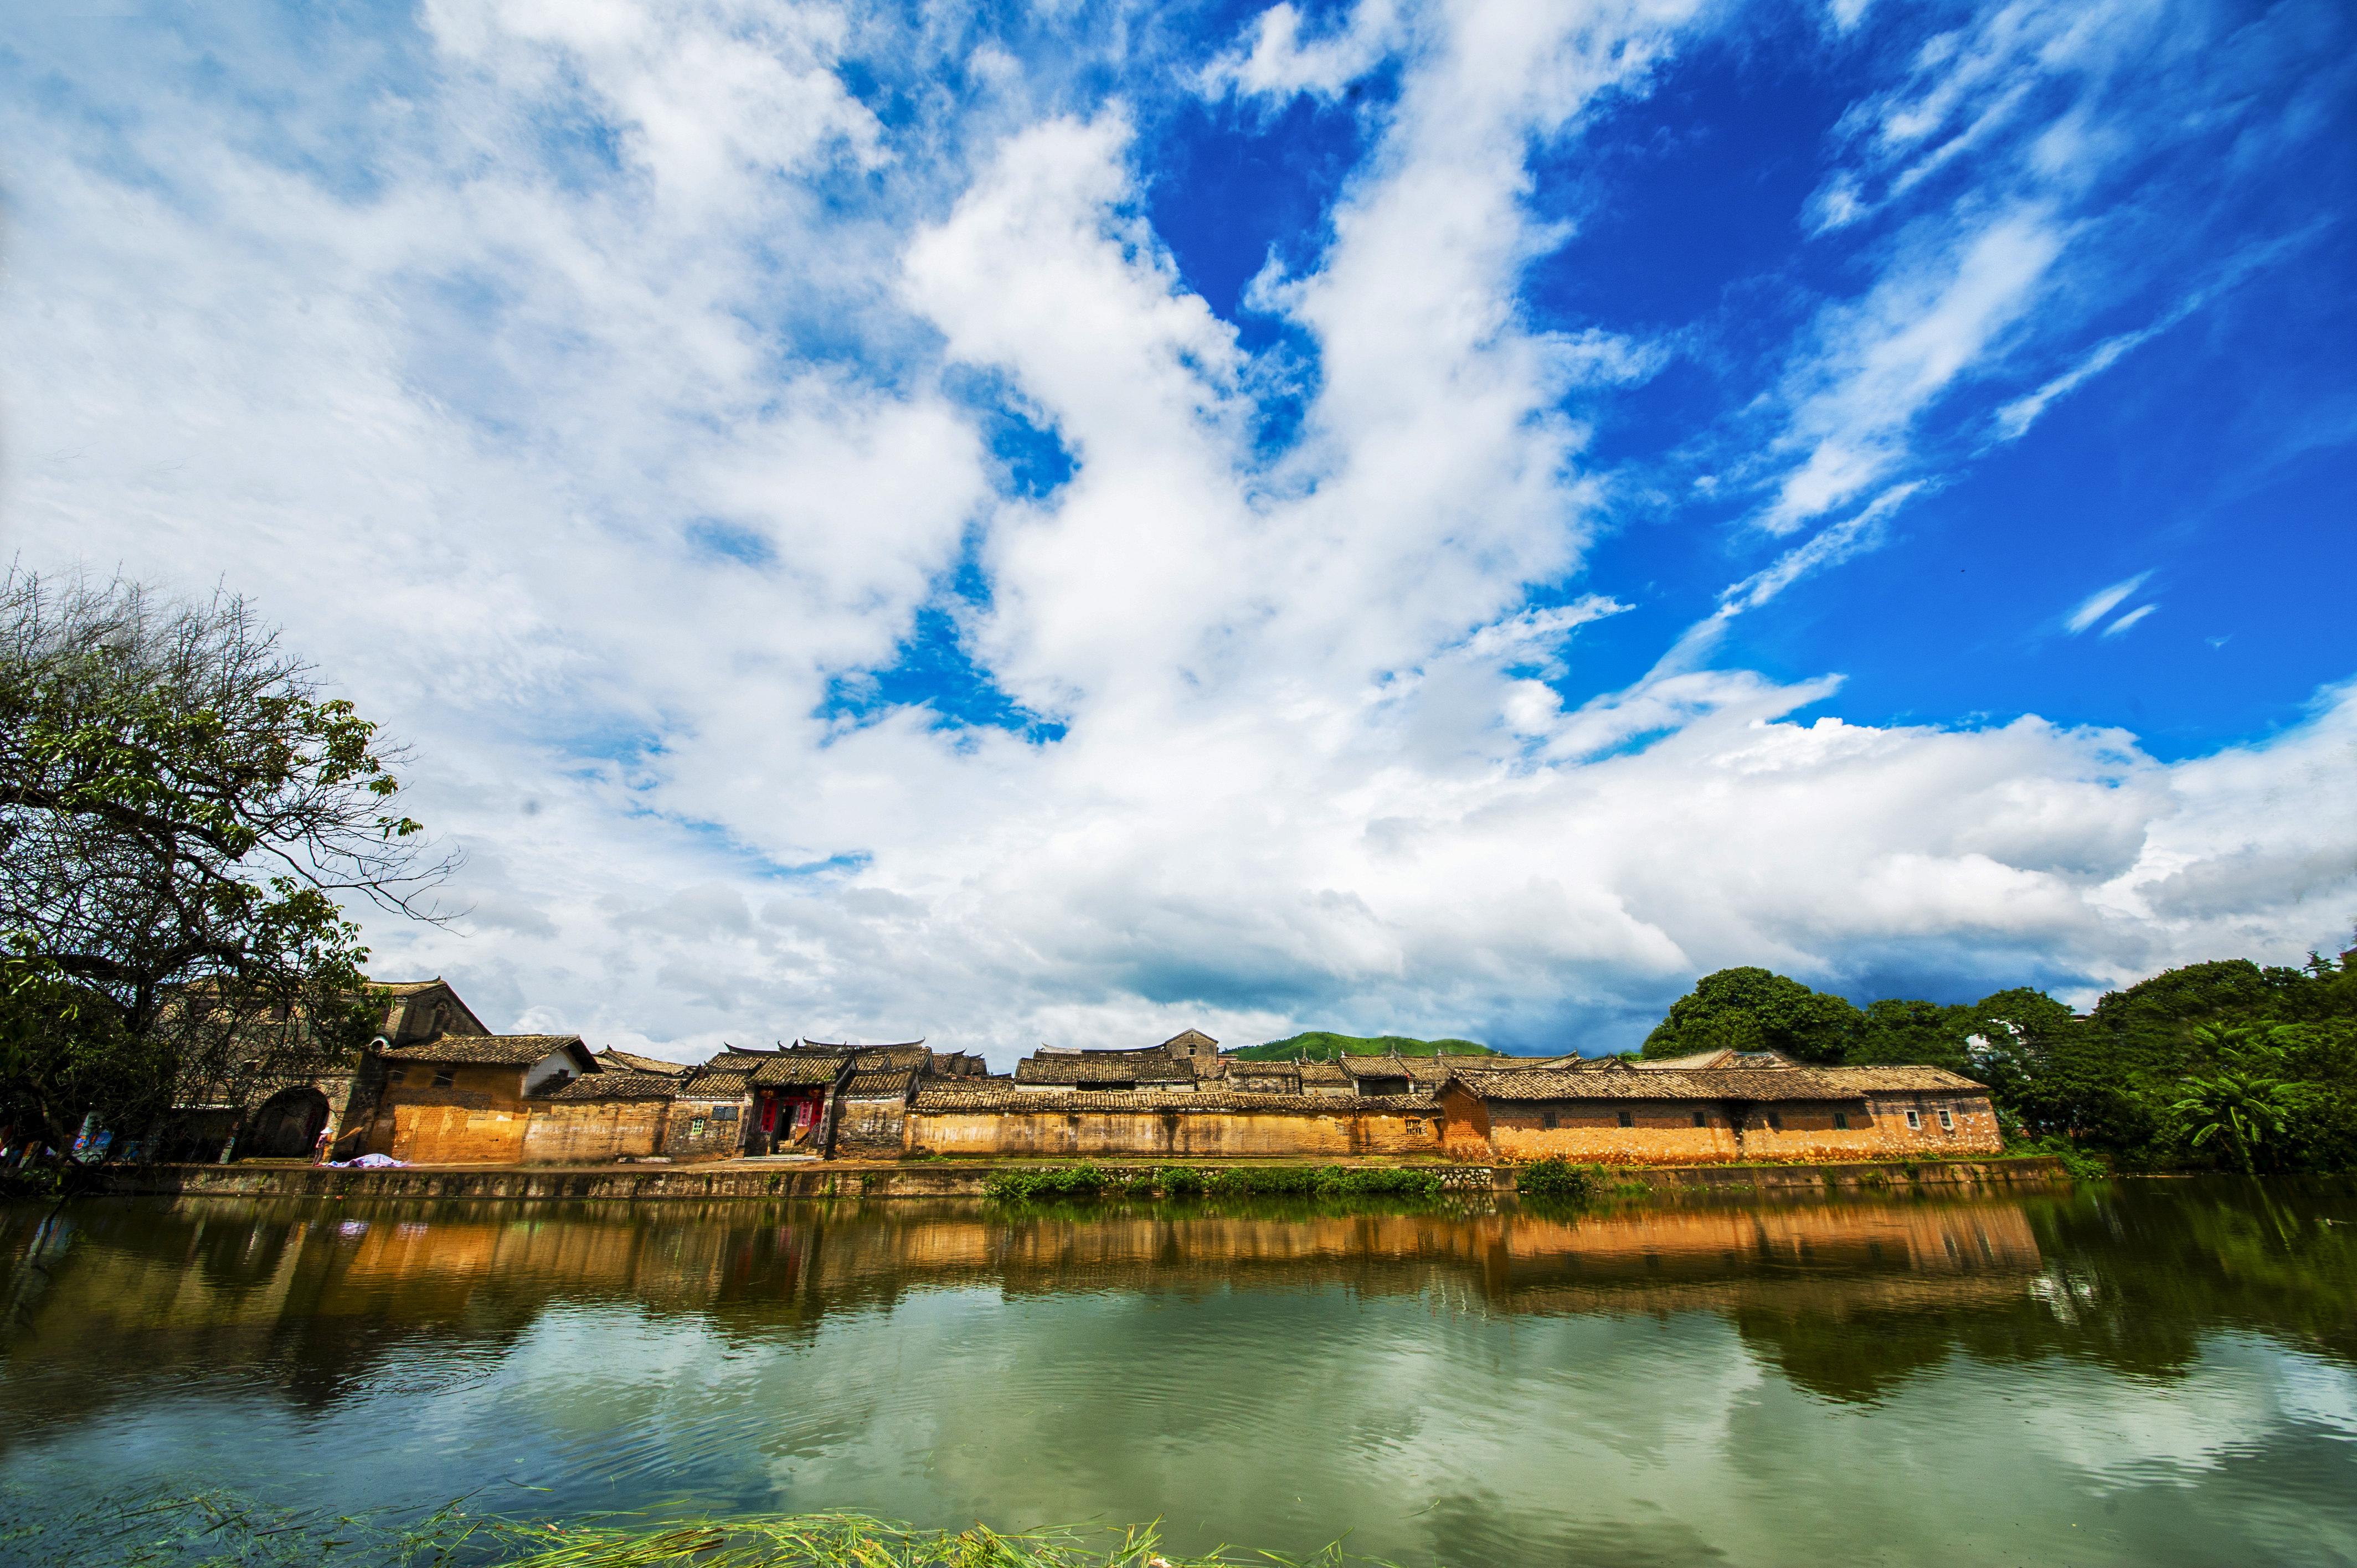 Dalu Village Folk Customs Tourism Area